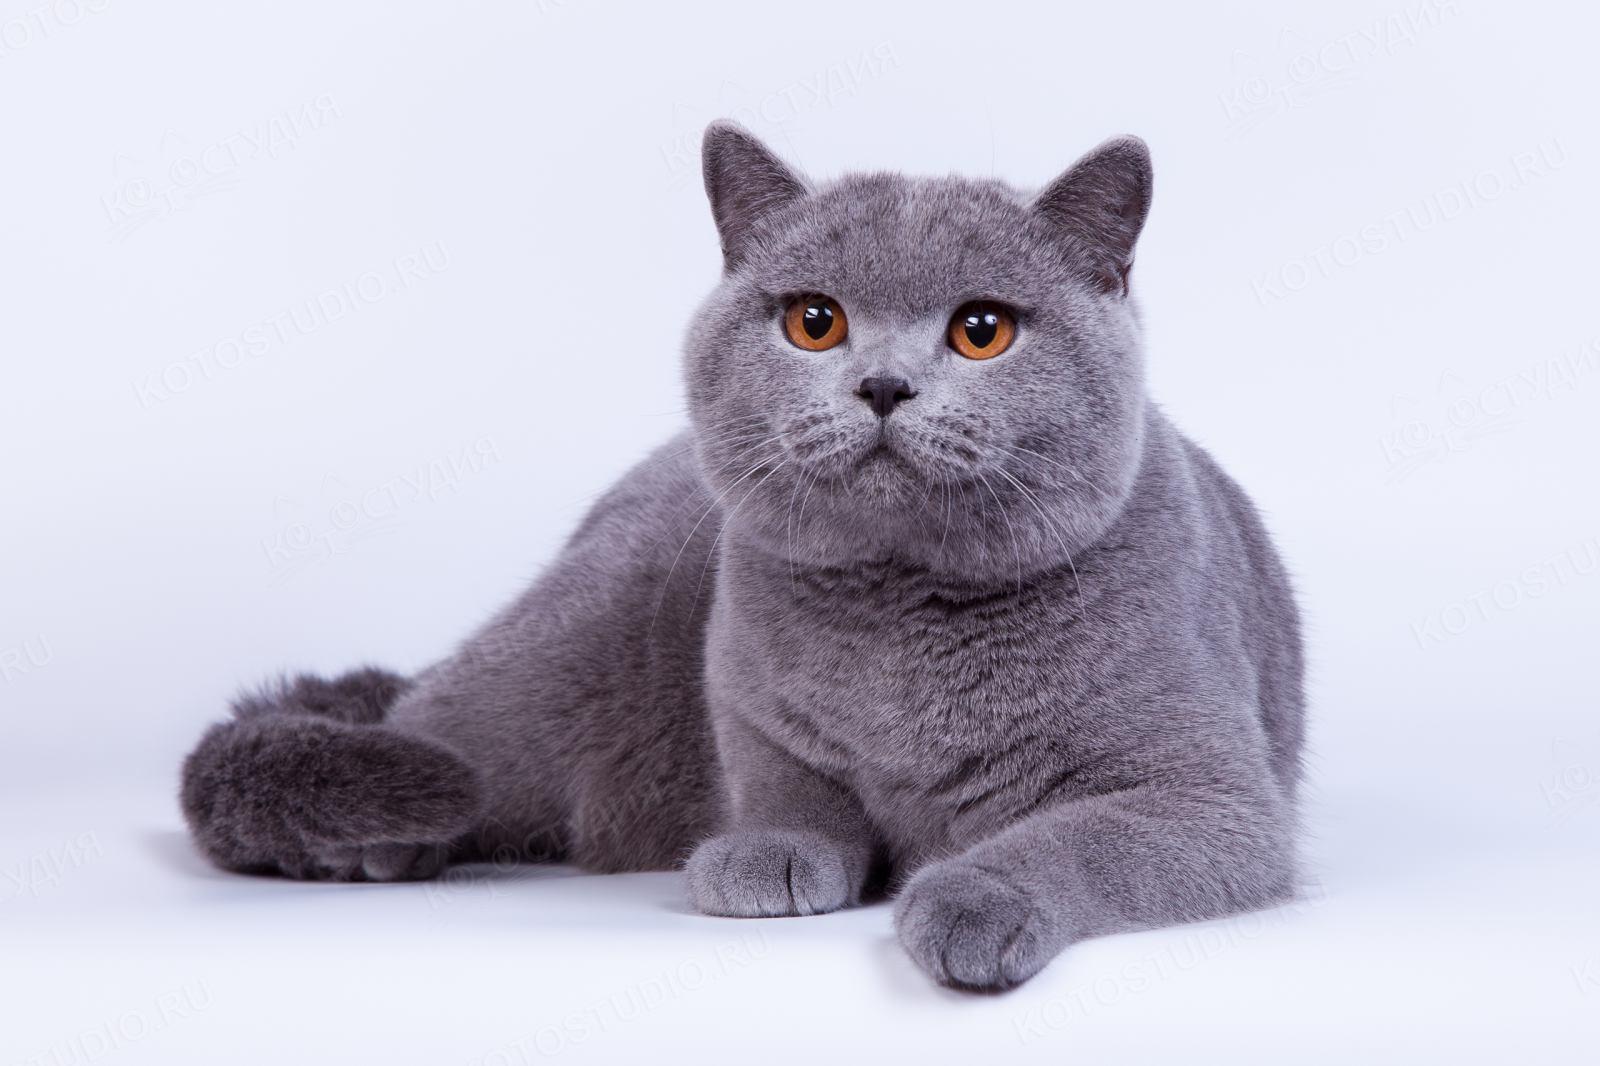 порода кошек британская короткошерстная фото выложите полотенце, прикройте